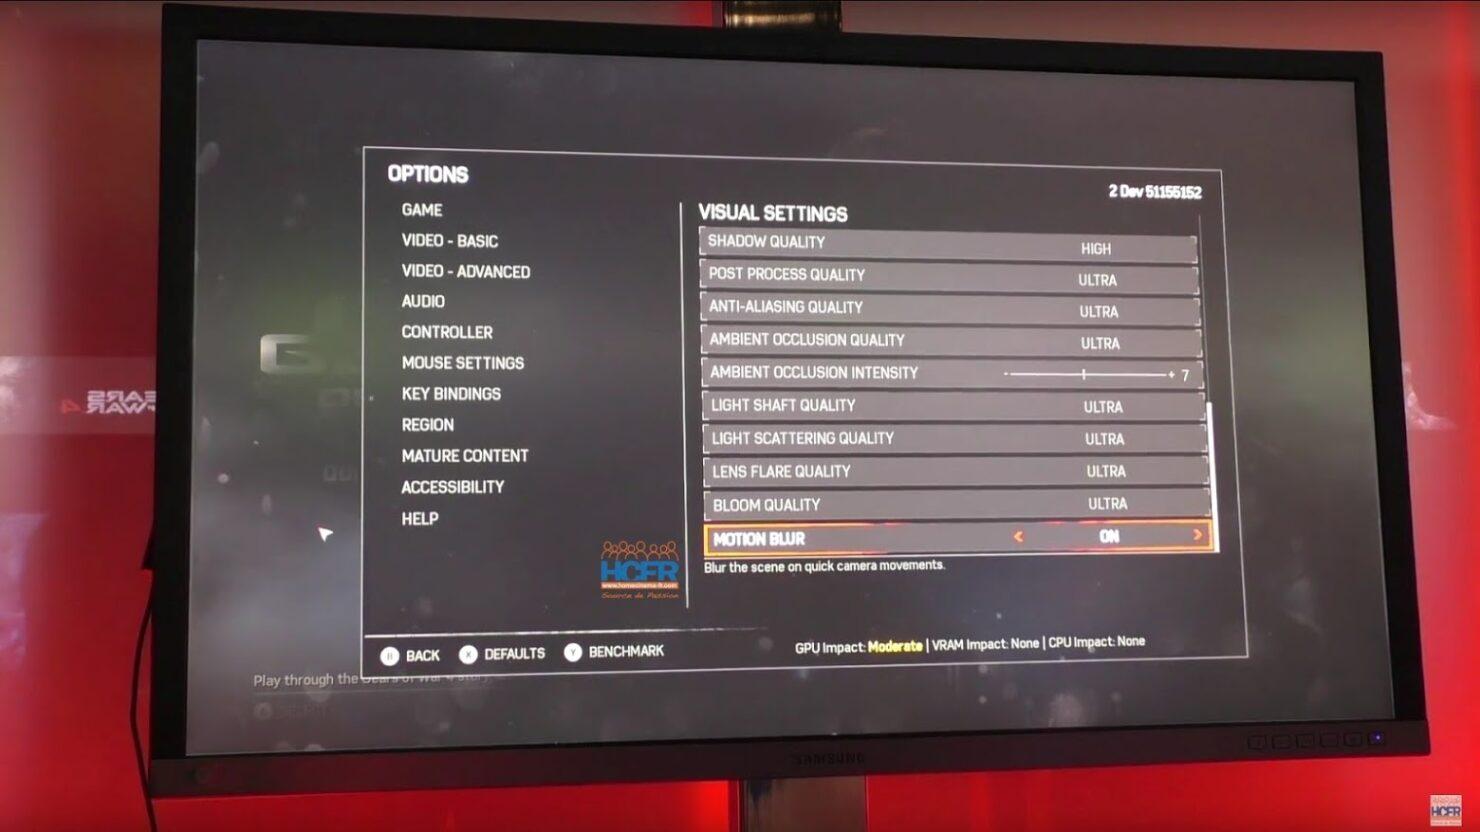 gears-of-war-4-graphics-settings-menu-3